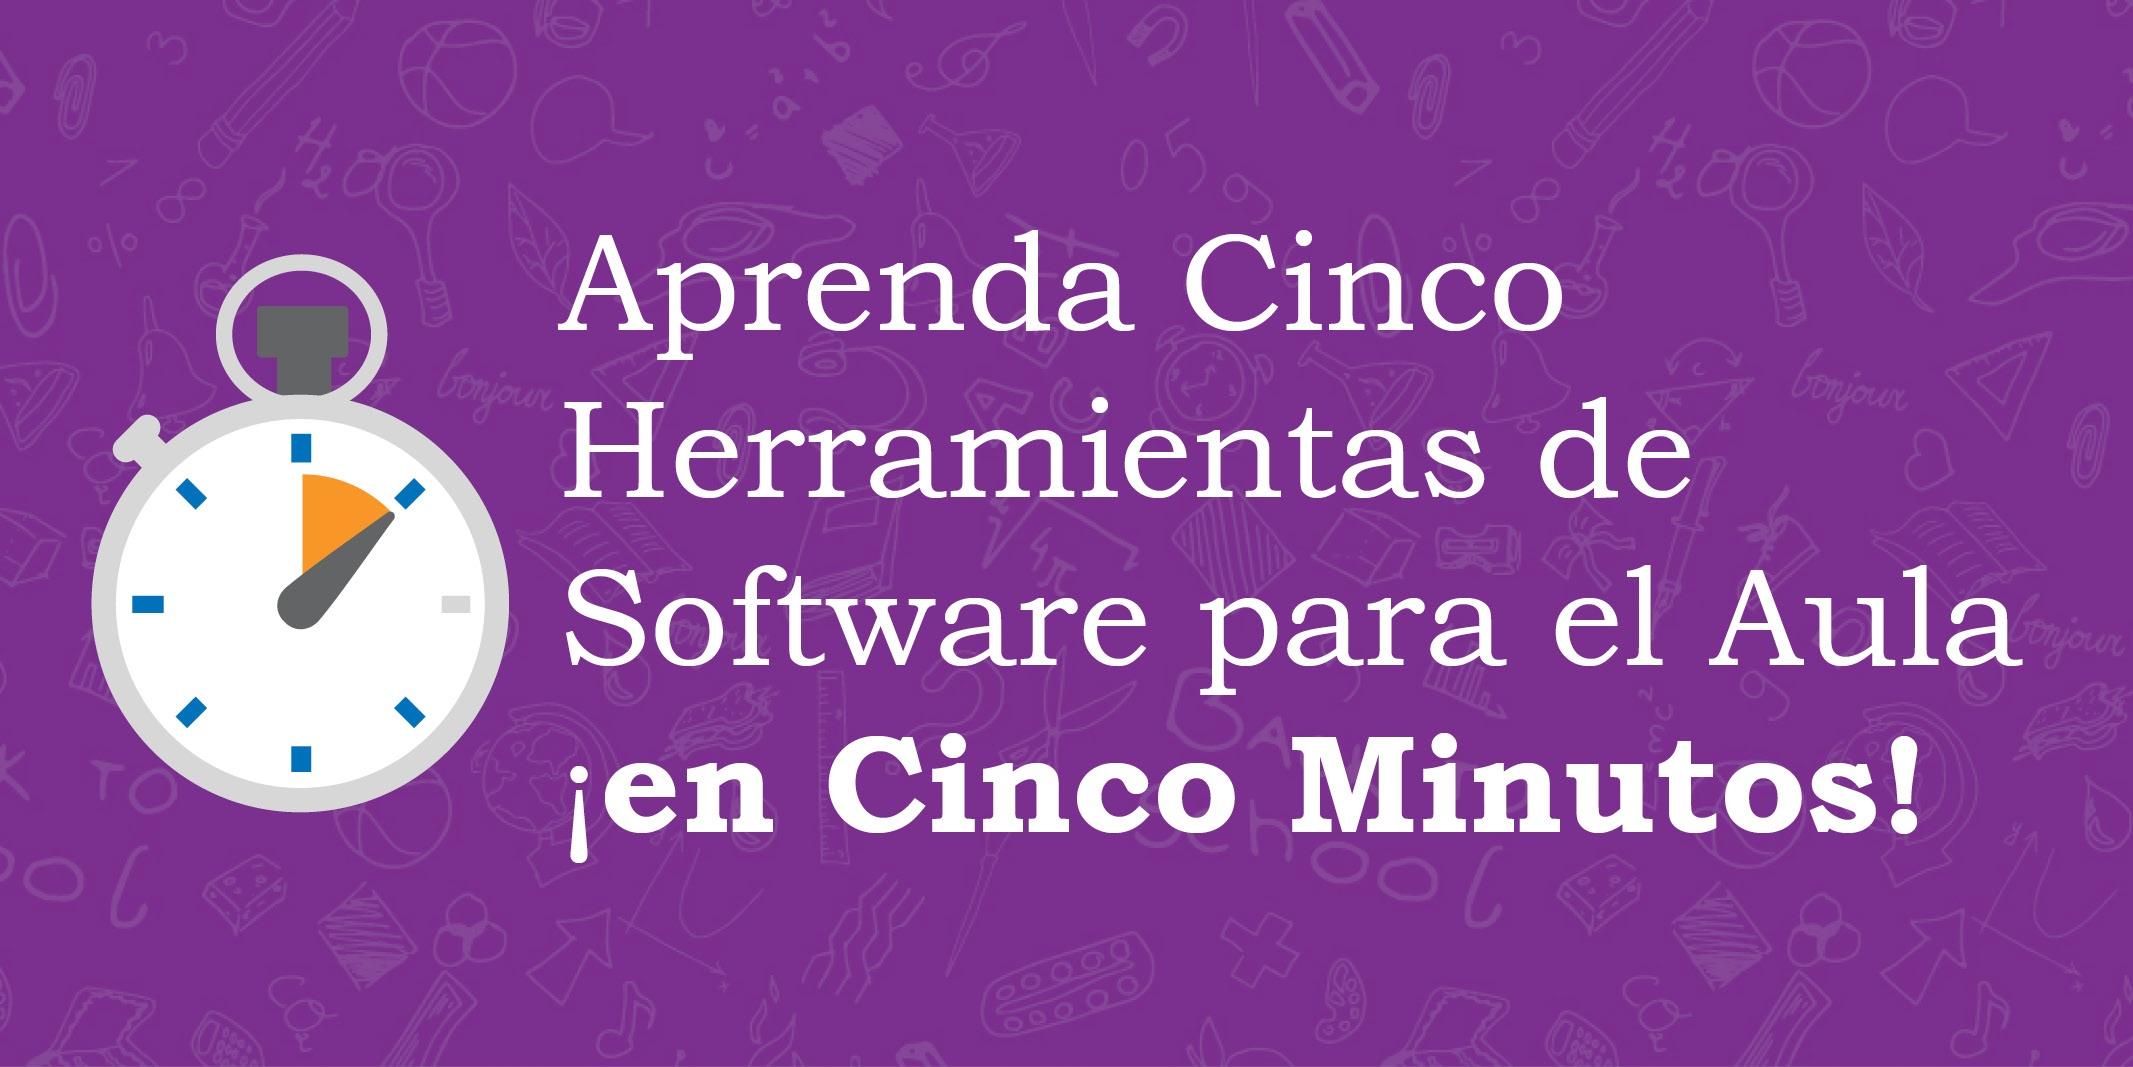 Aprenda Cinco Herramientas de Software para el Aula ¡en Cinco Minutos!